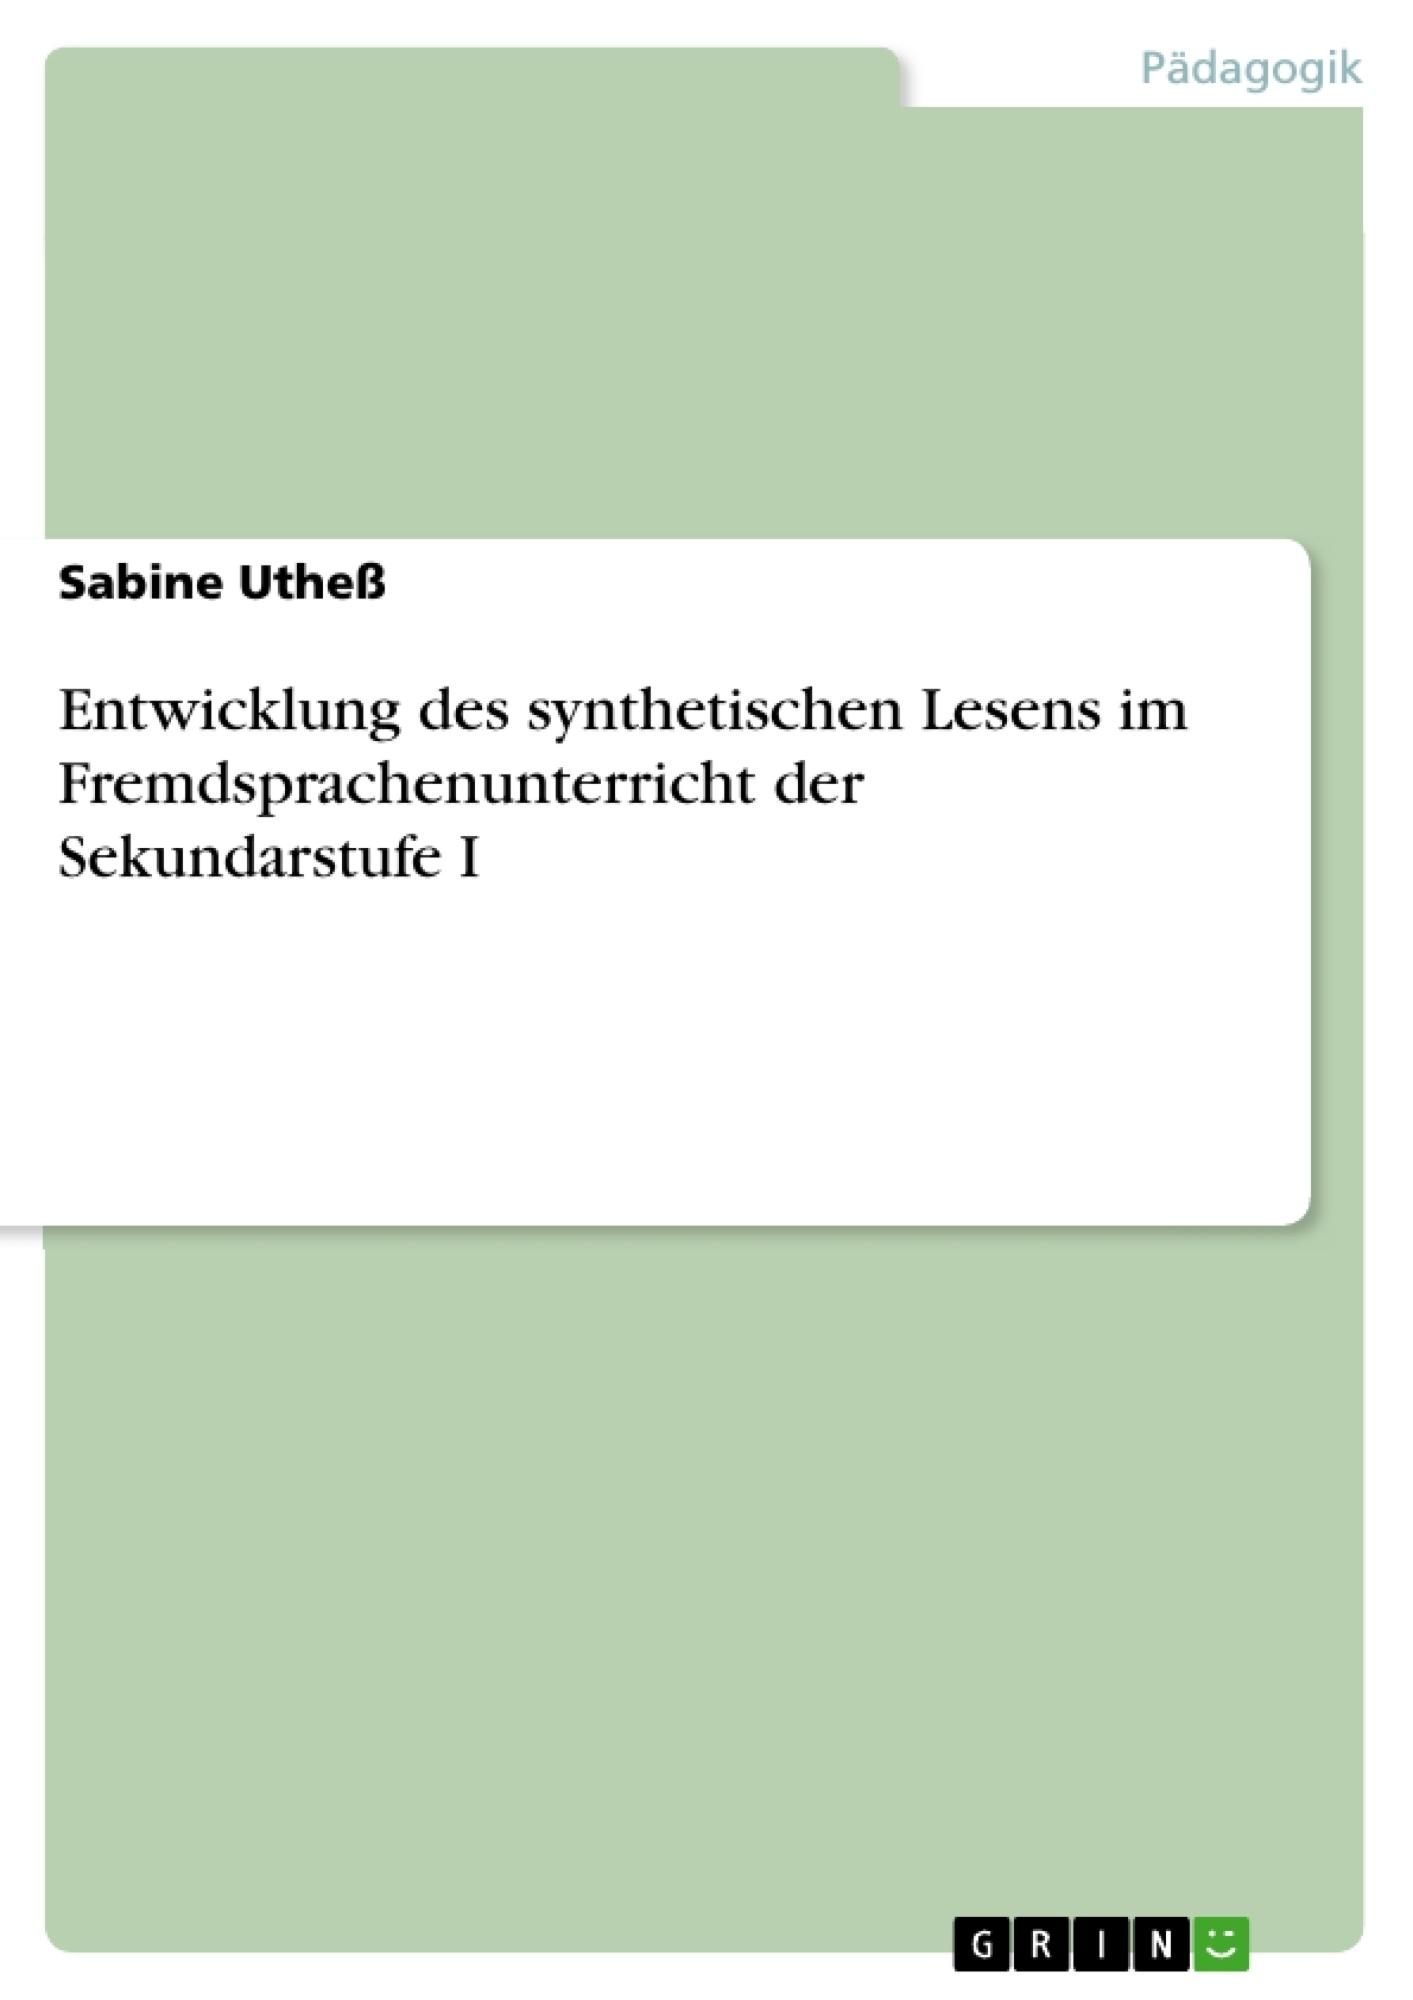 Titel: Entwicklung des synthetischen Lesens im Fremdsprachenunterricht der Sekundarstufe I